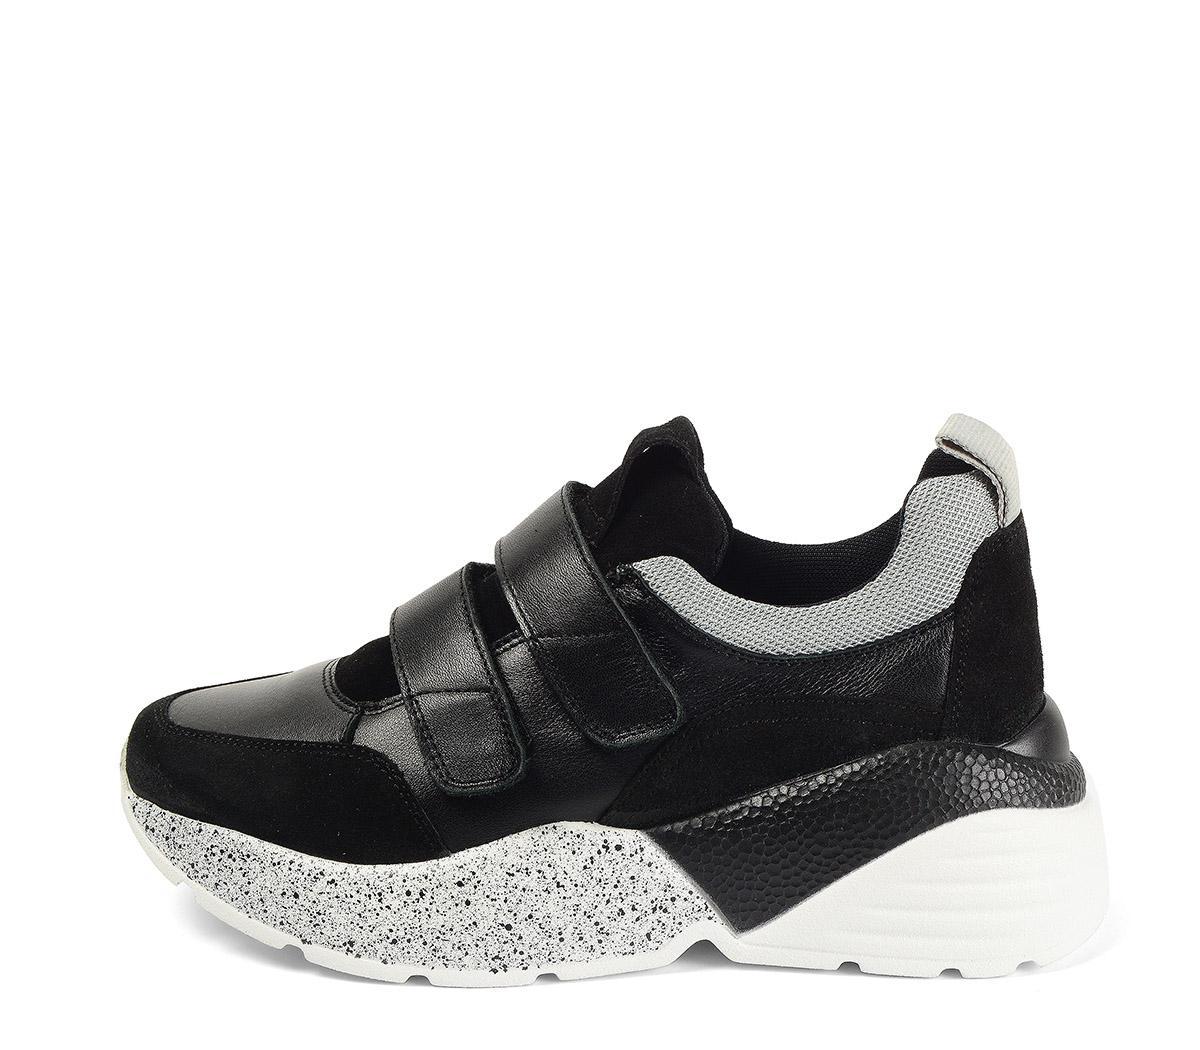 Ref. 4028 Sneaker piel negro combinada con serraje negro. Dos velcros. Suela combinada en negro y blanco con altura trasera de 6 cm.